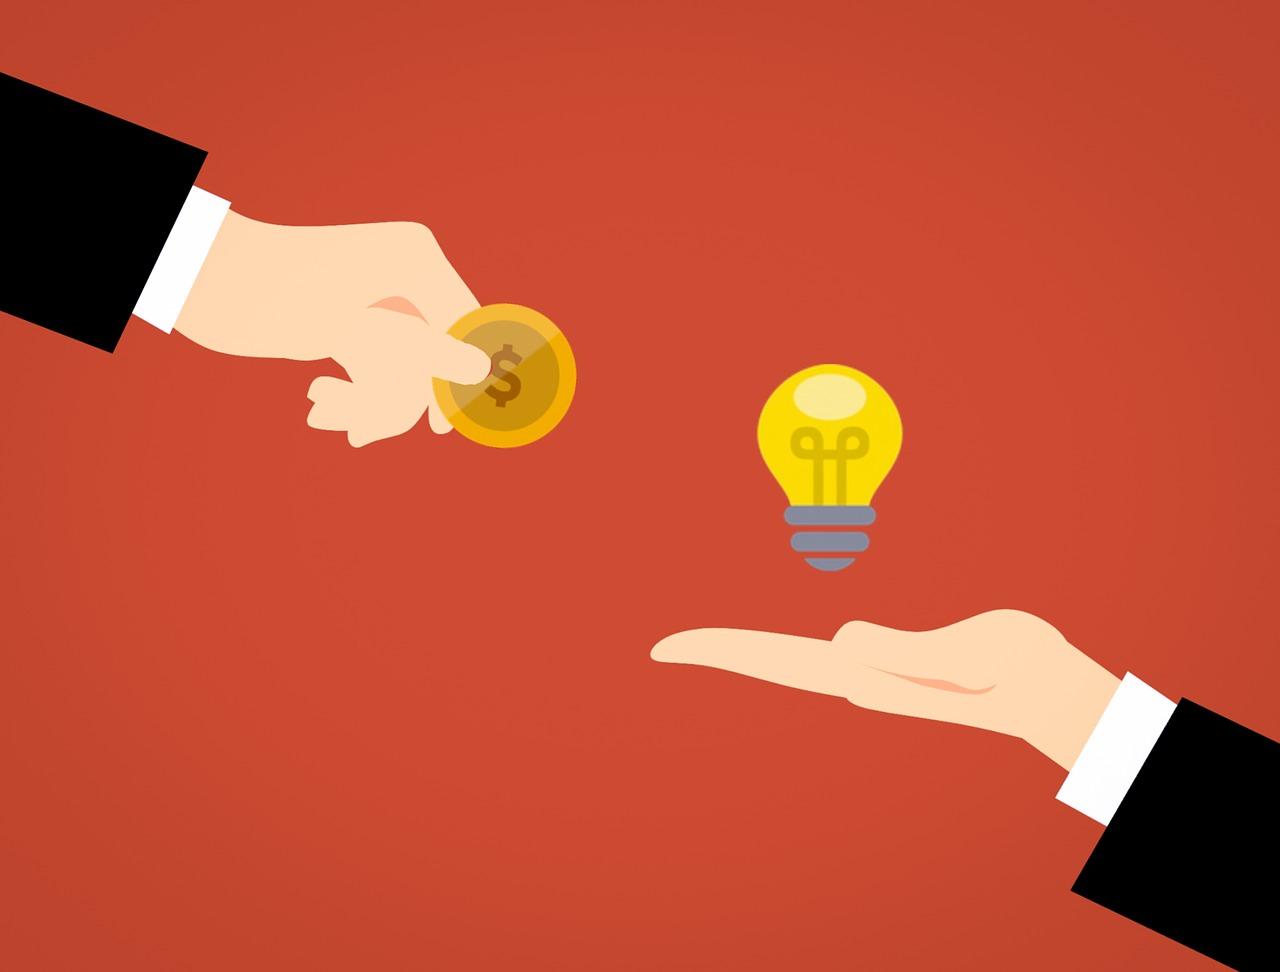 idees-de-business-en-ligne